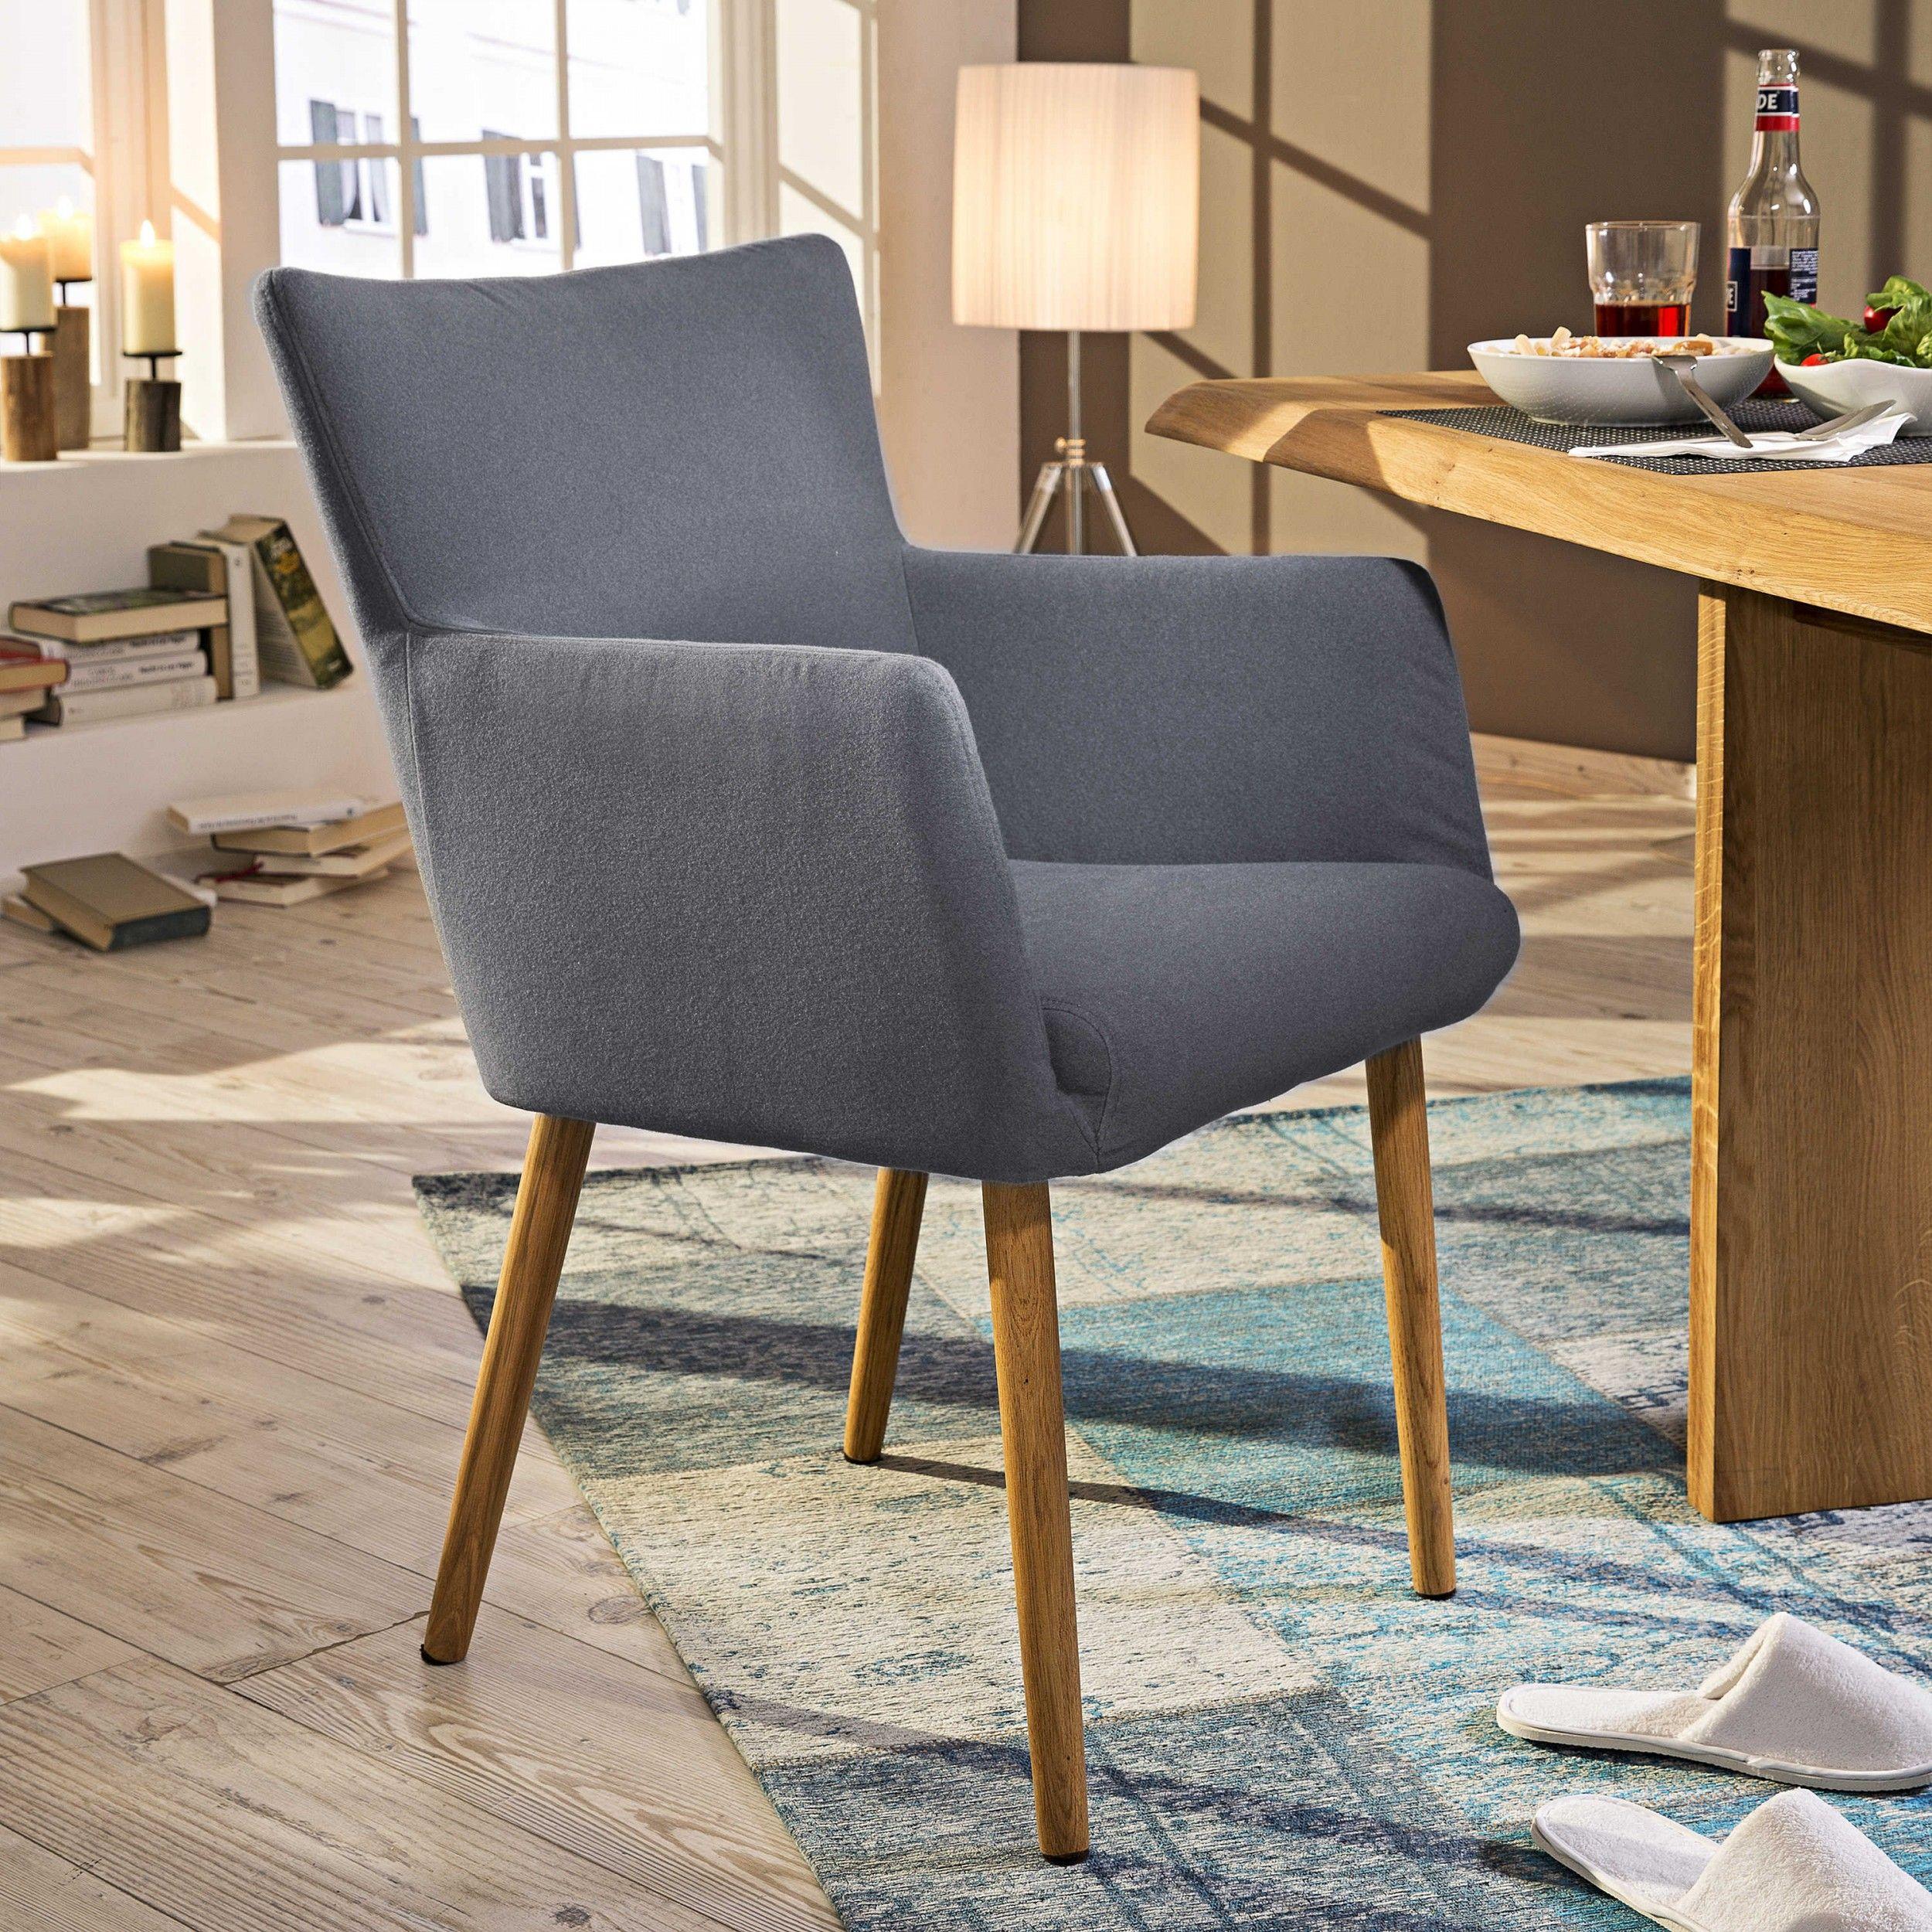 stuhl esszimmersessel pinterest esszimmer m bel freischwinger und esszimmer. Black Bedroom Furniture Sets. Home Design Ideas